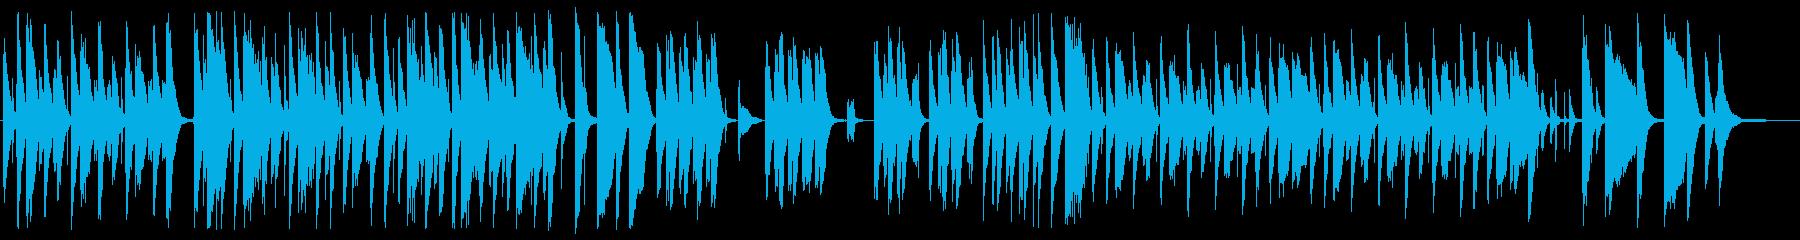 ピアノと木琴がかわいい日常系BGM の再生済みの波形